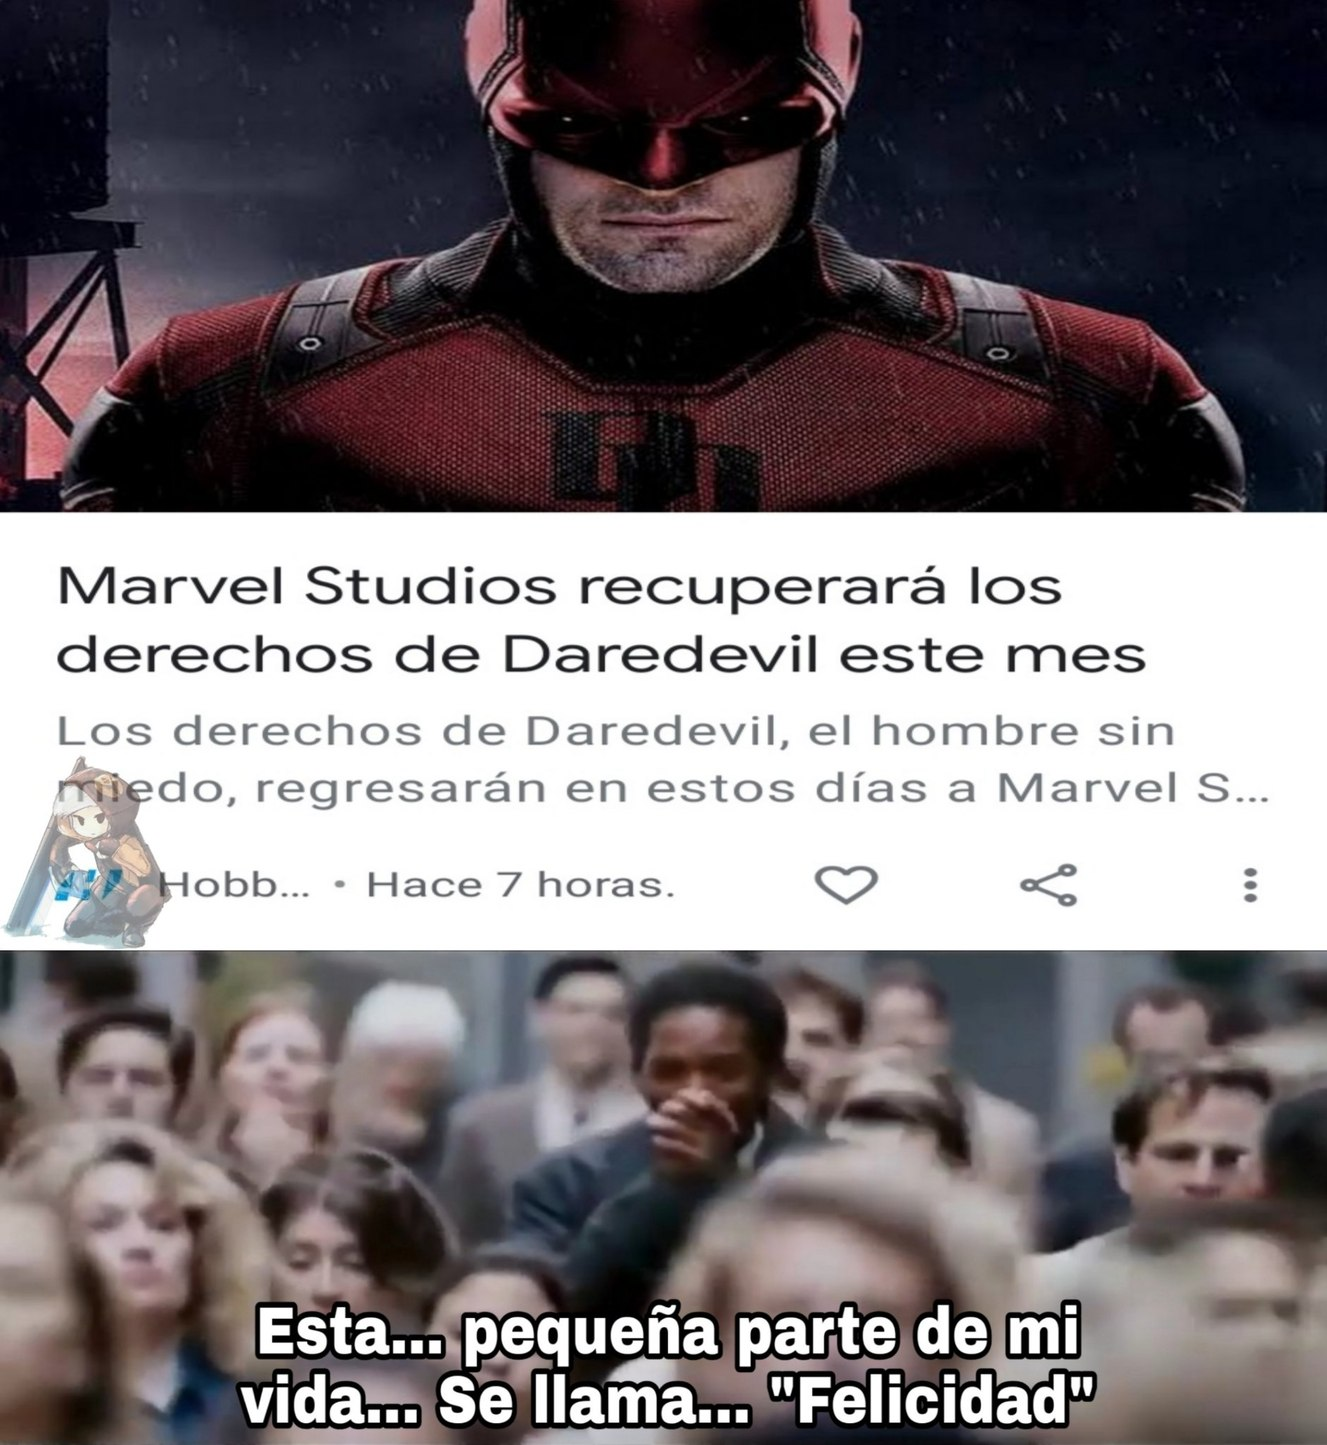 Que conste que yo conozco a Daredevil desde chiquito y amaba sus cómics... Aunque tuvieran temas maduros que recien hoy entiendo - meme